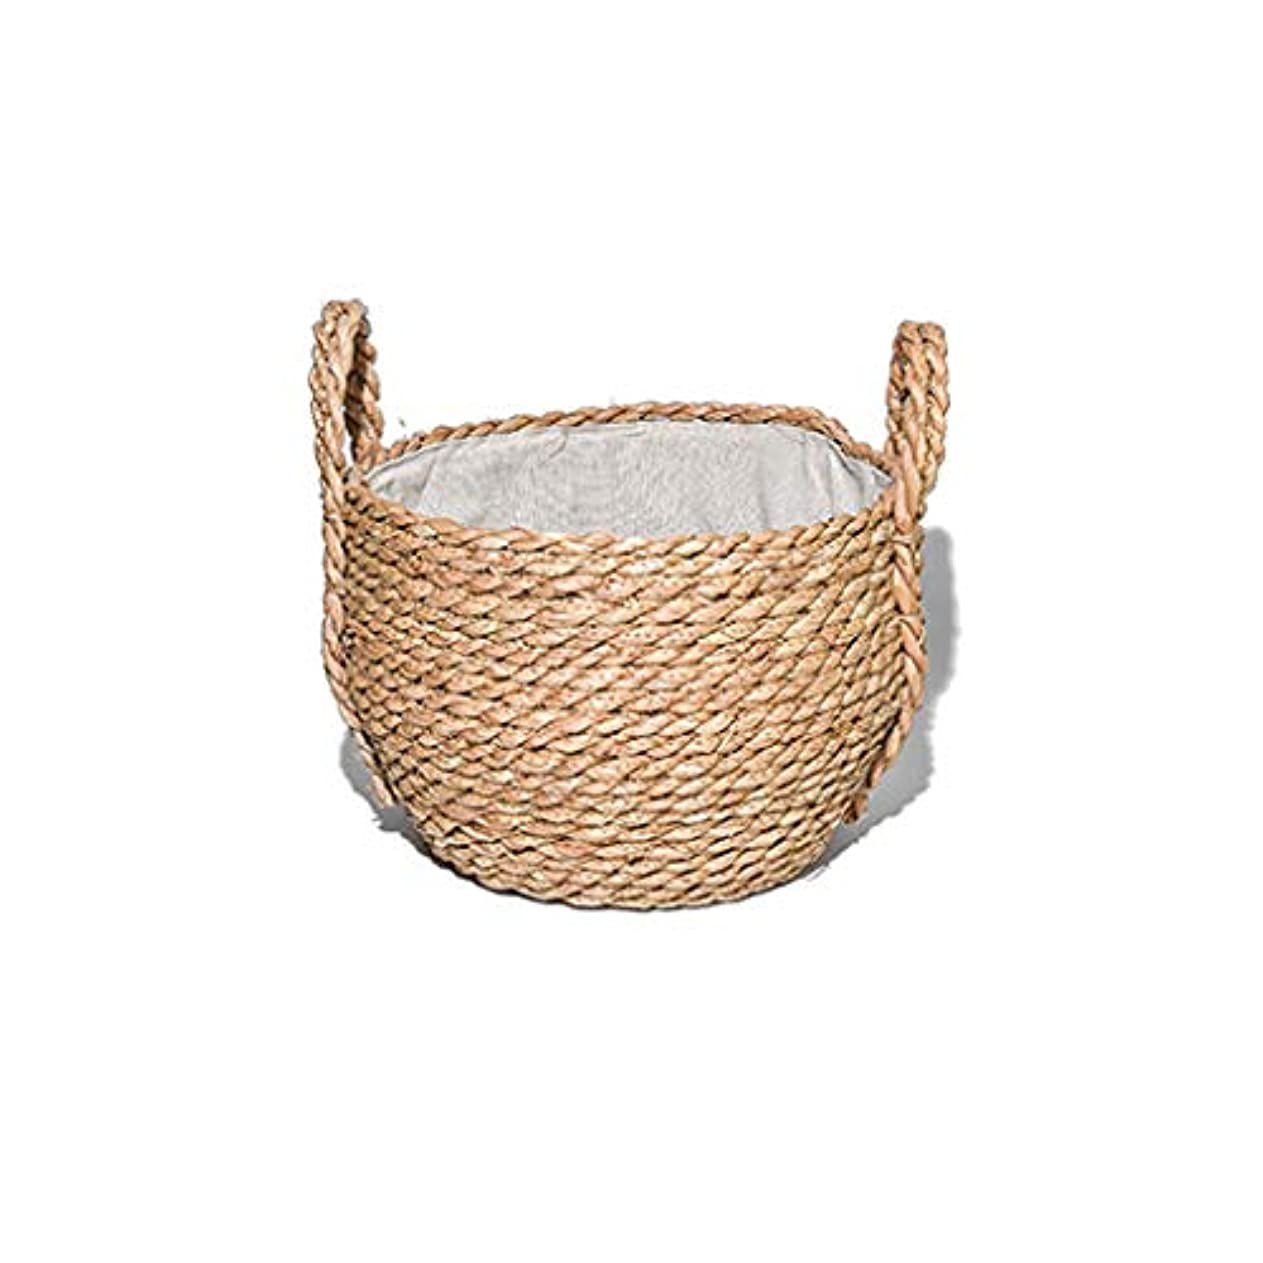 特異性竜巻継続中SMMRB 籐フルーツバスケットコーンロープ織物衣類を邪魔するデスクトップのストレージバスケット、手織り (サイズ さいず : 20cm*28cm)